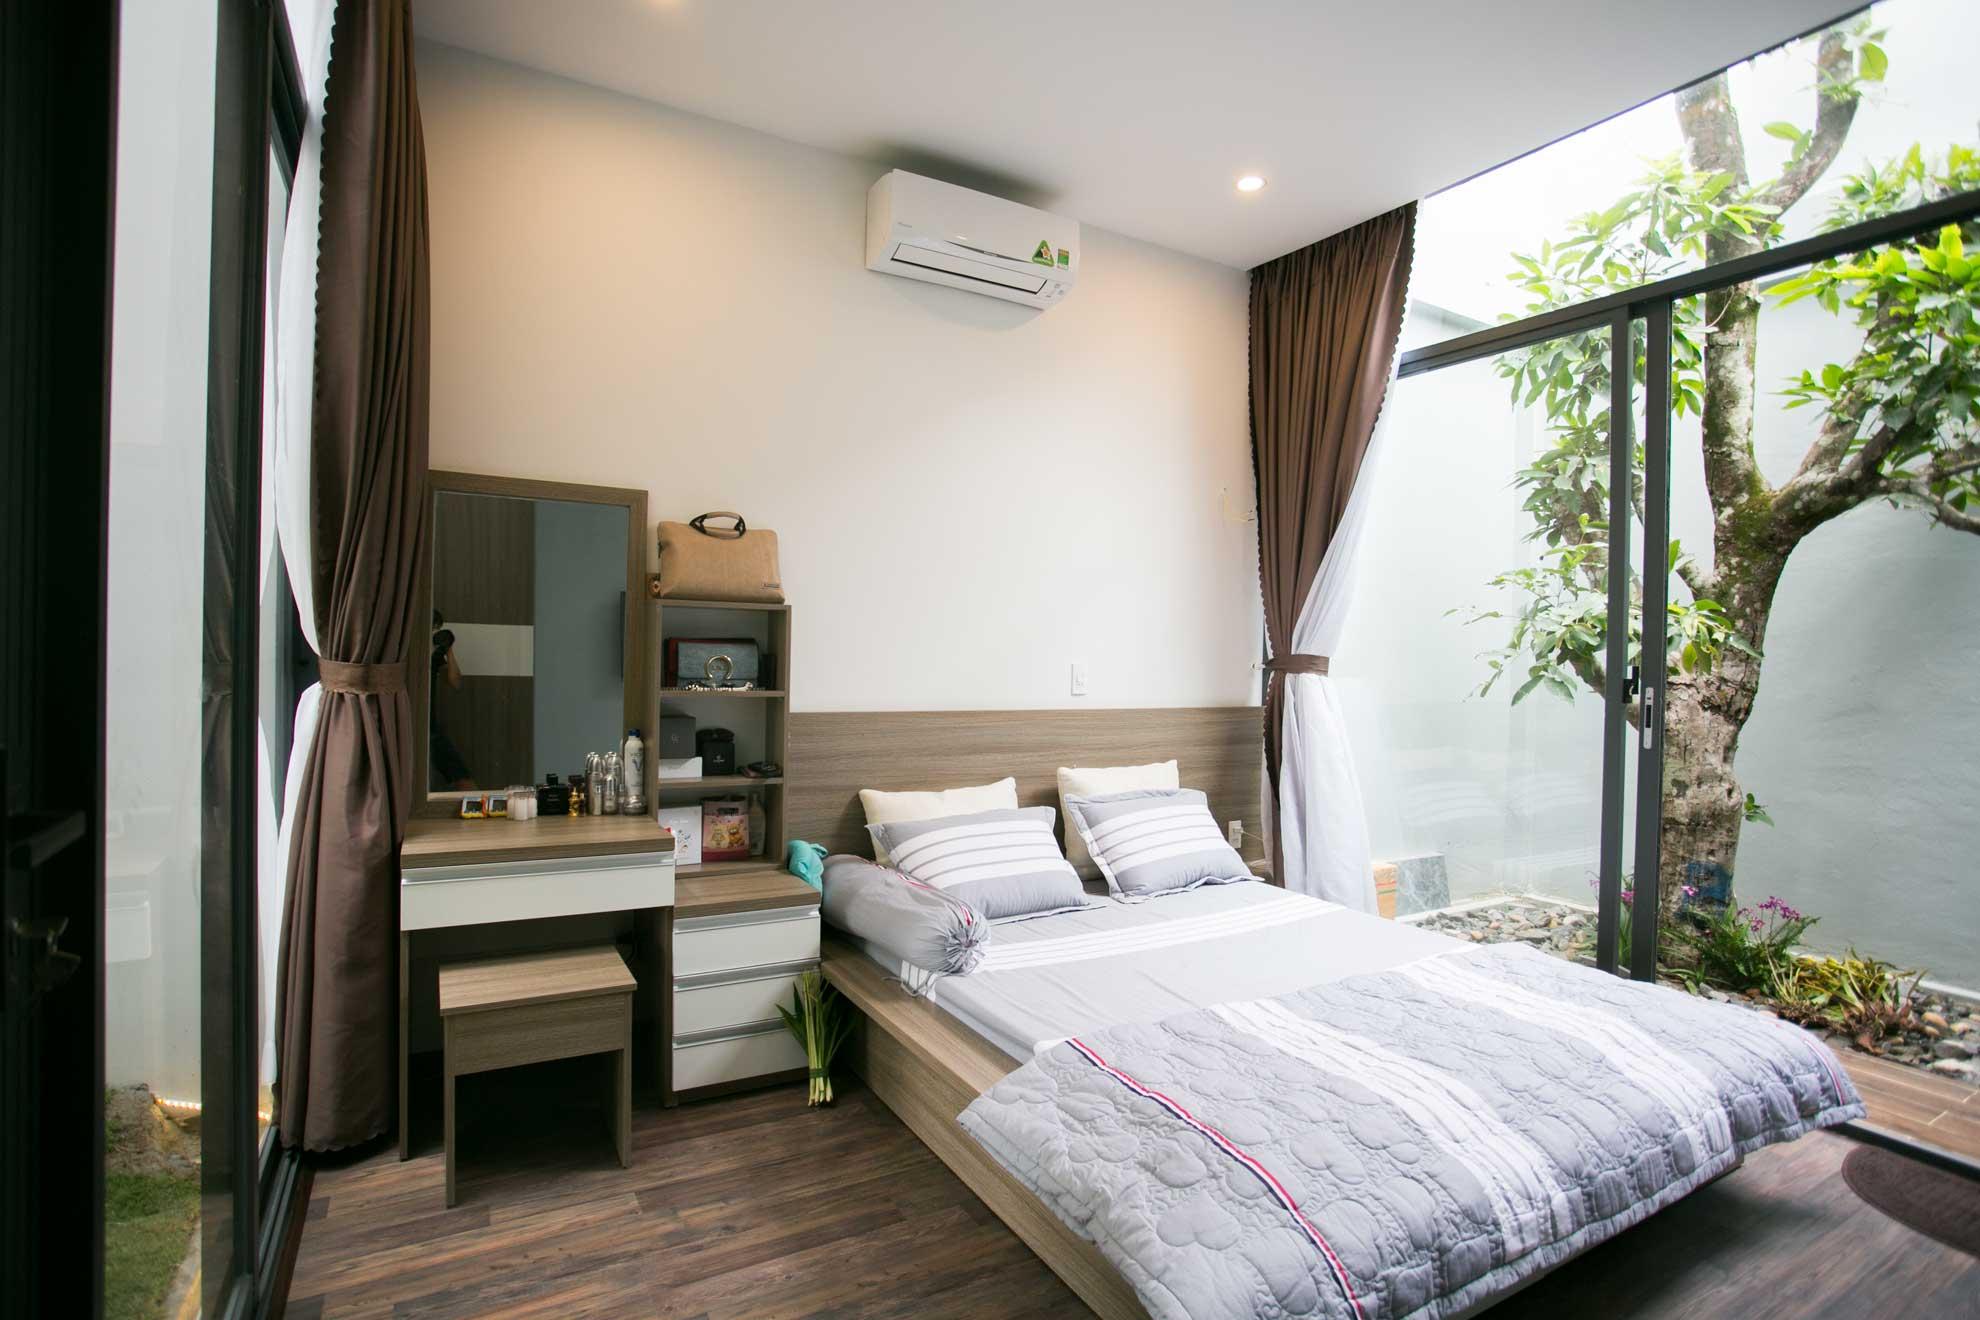 thiết kế Nhà tại Đà Nẵng BAO'S HOUSE 8 1551172107